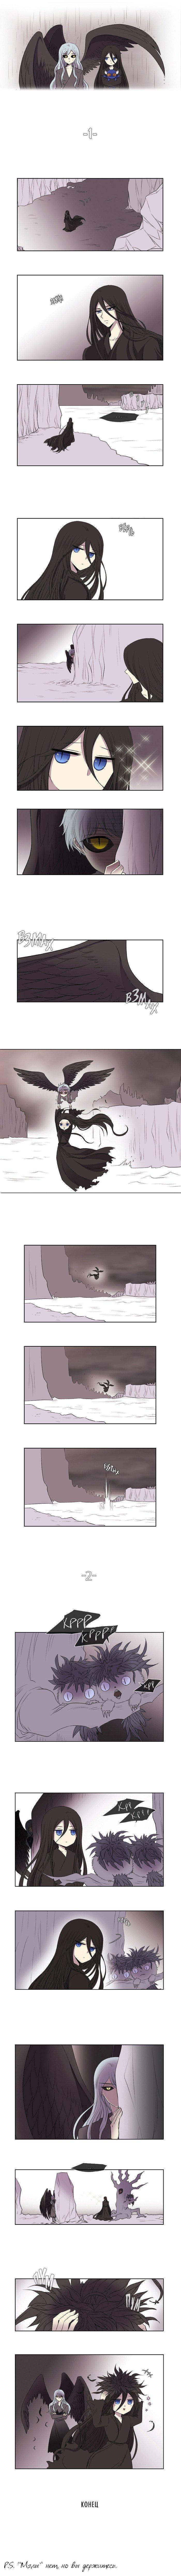 Манга Черная мгла - Глава 2265 Страница 1